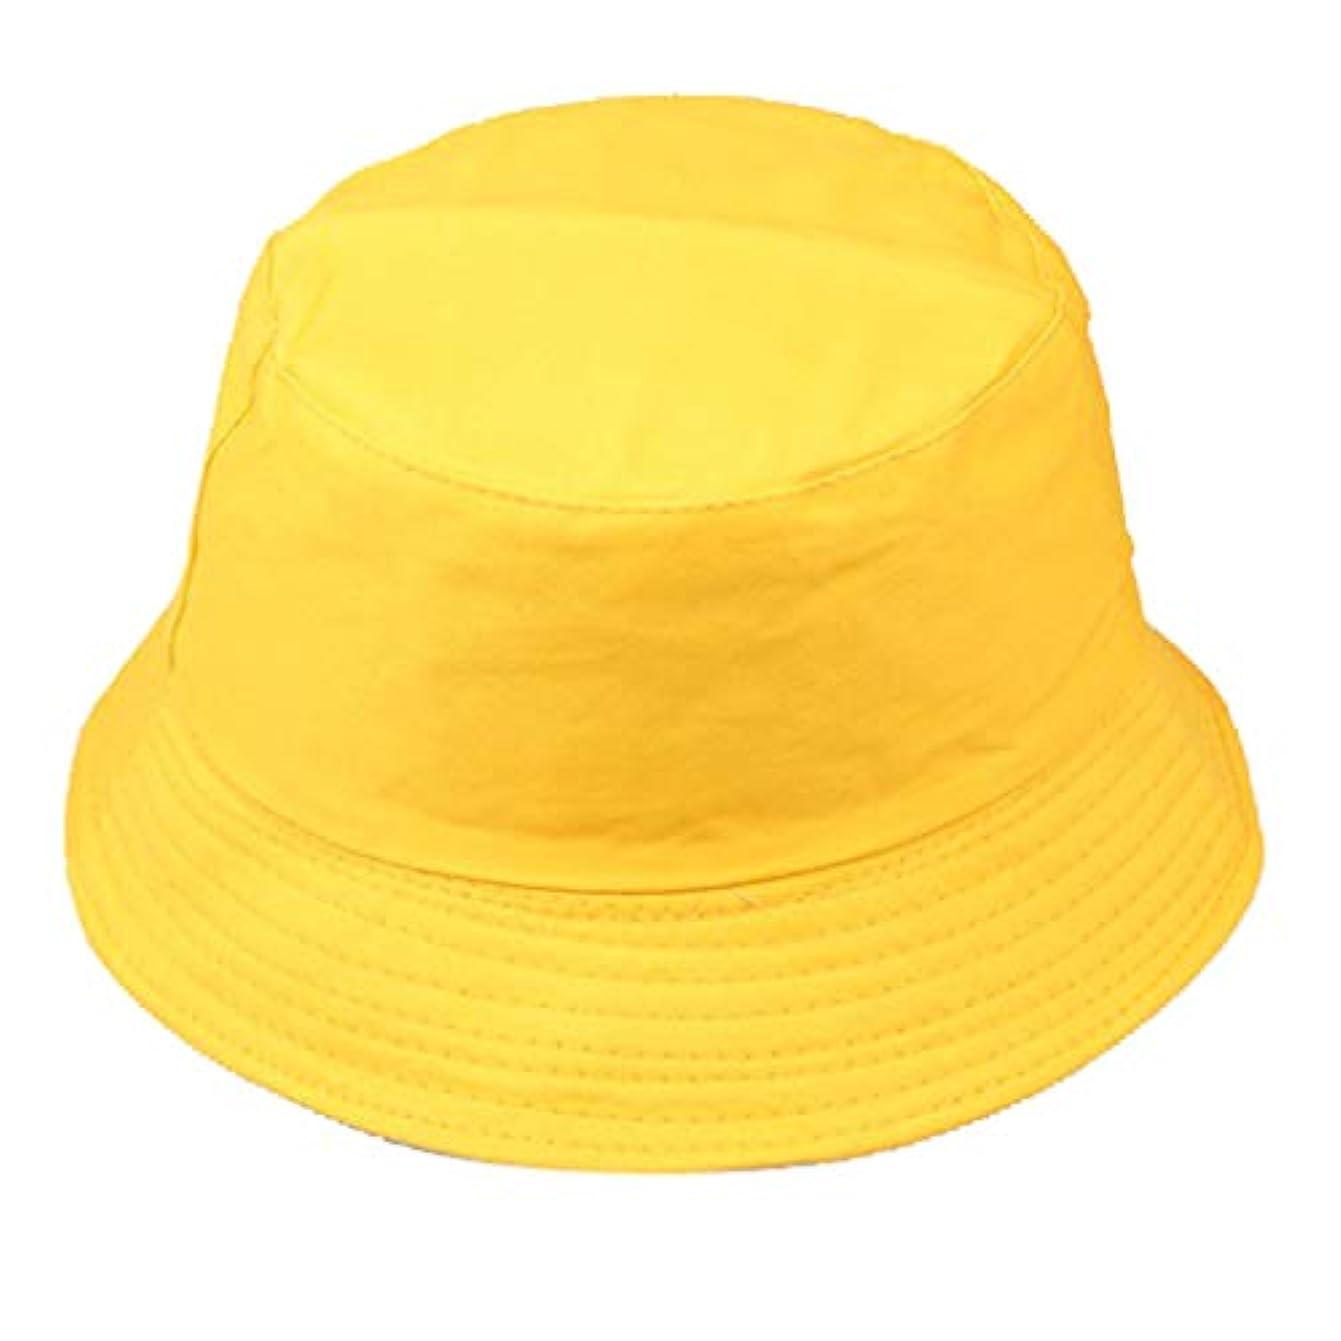 レクリエーション懺悔直面する帽子 レディース 漁師帽 つば広 UVカット 熱中症 夏 海 紫外線 日除け レディース 帽子 キャップ ハット レディース 漁師の帽子 小顔効果抜群 アウトドア 紫外線対策 日焼け対策 ハット 調整テープ ROSE ROMAN